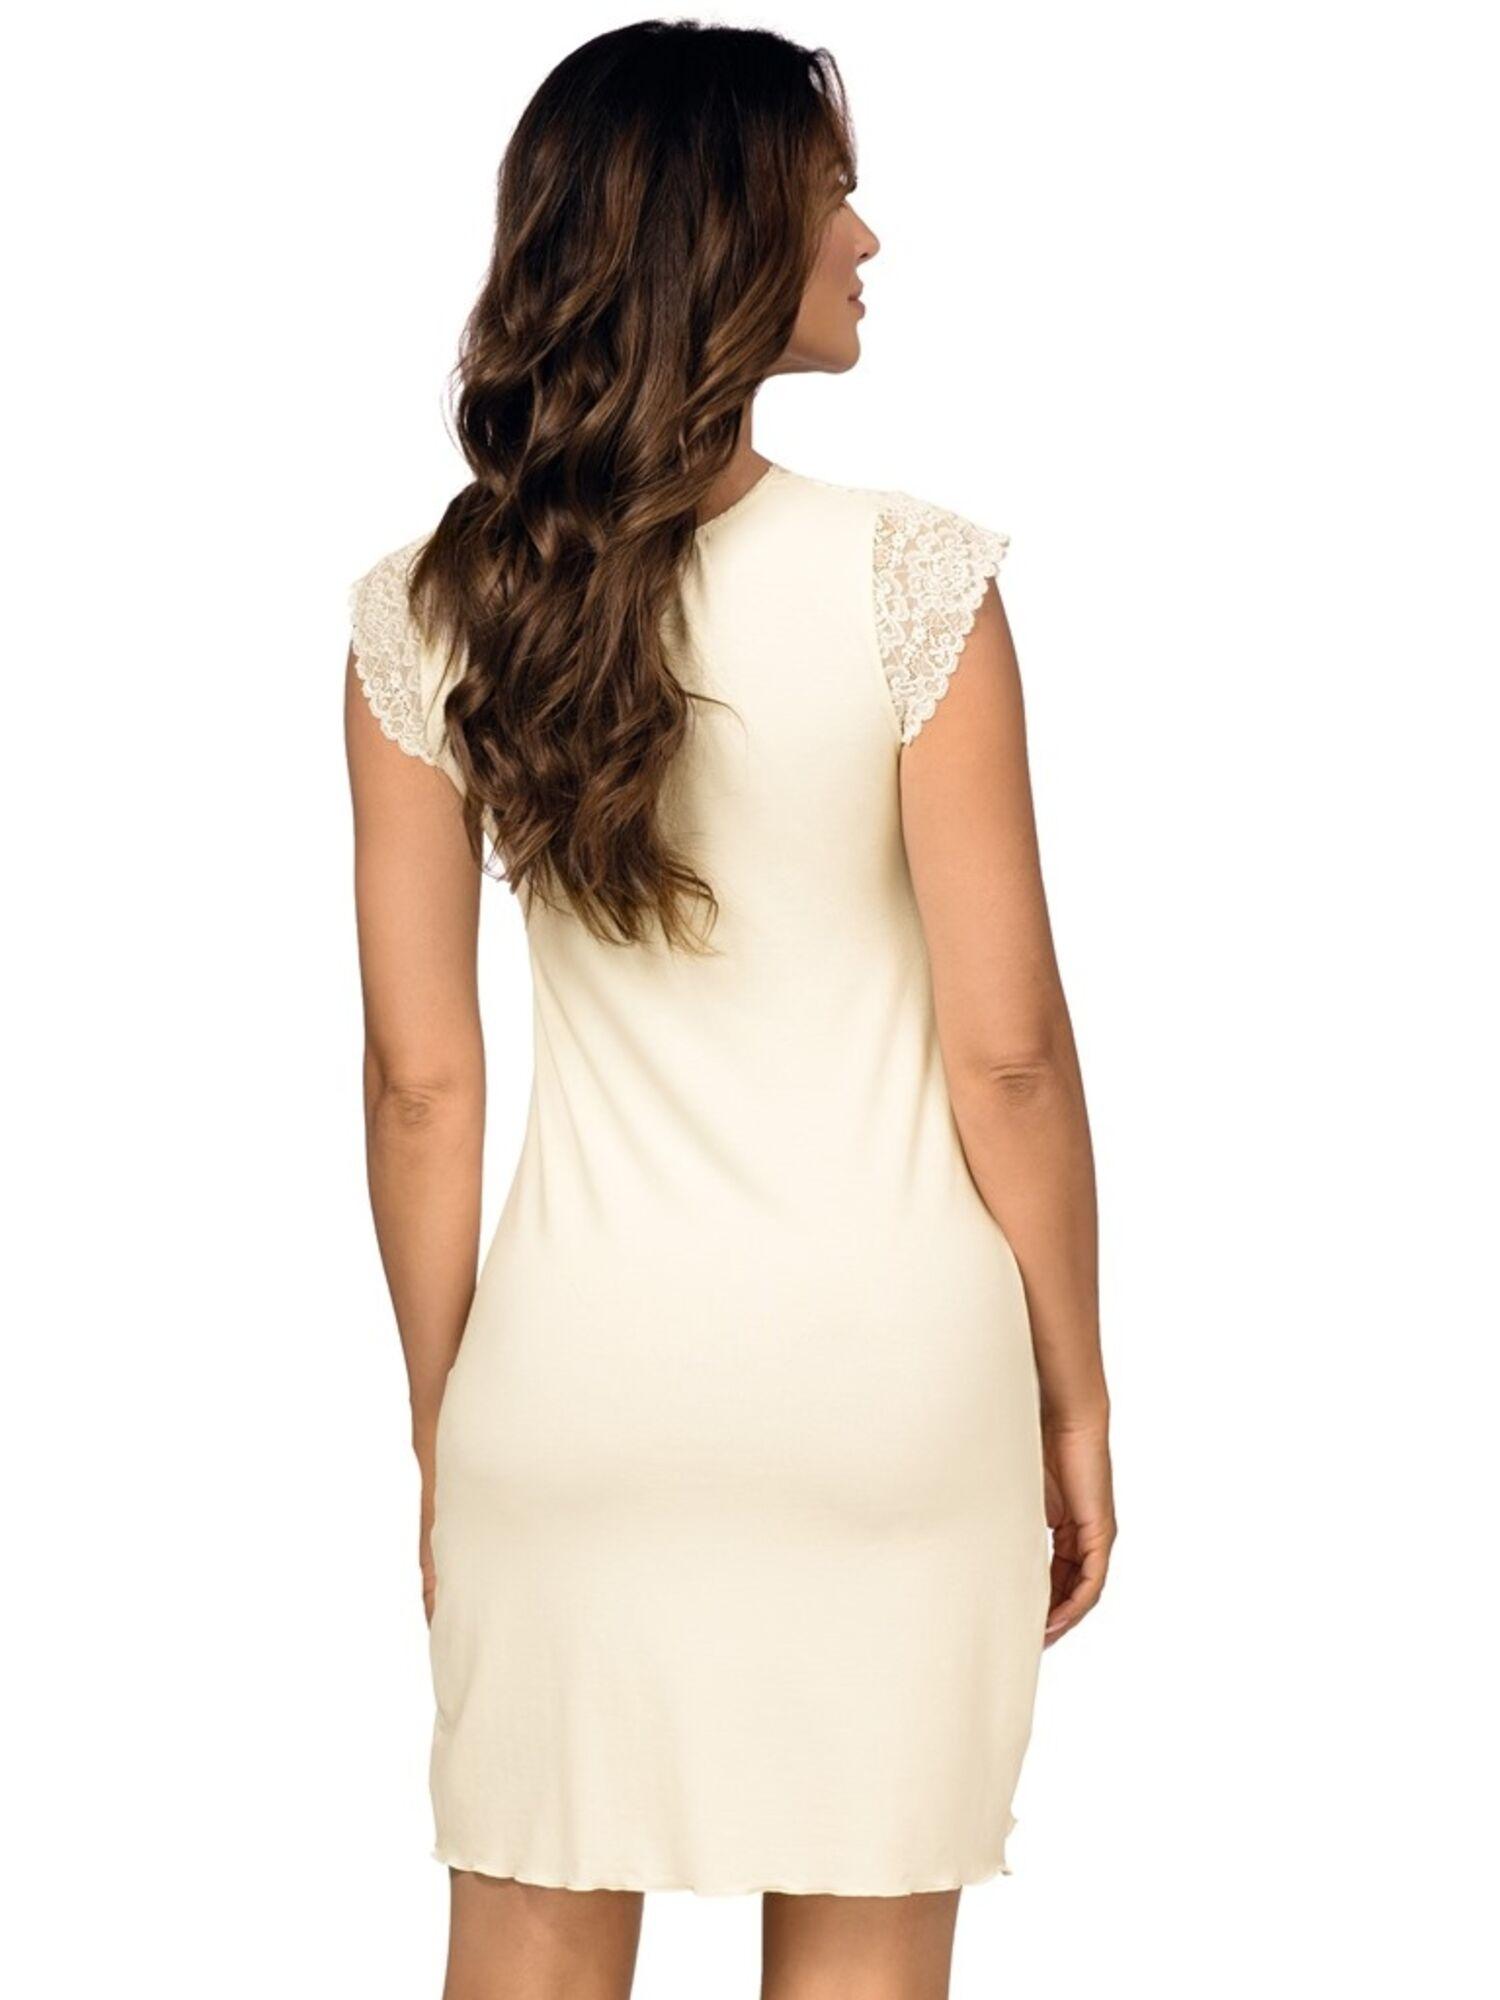 Сорочка женская, вискоза с кружевом GLORIA, кремовая, DONNA